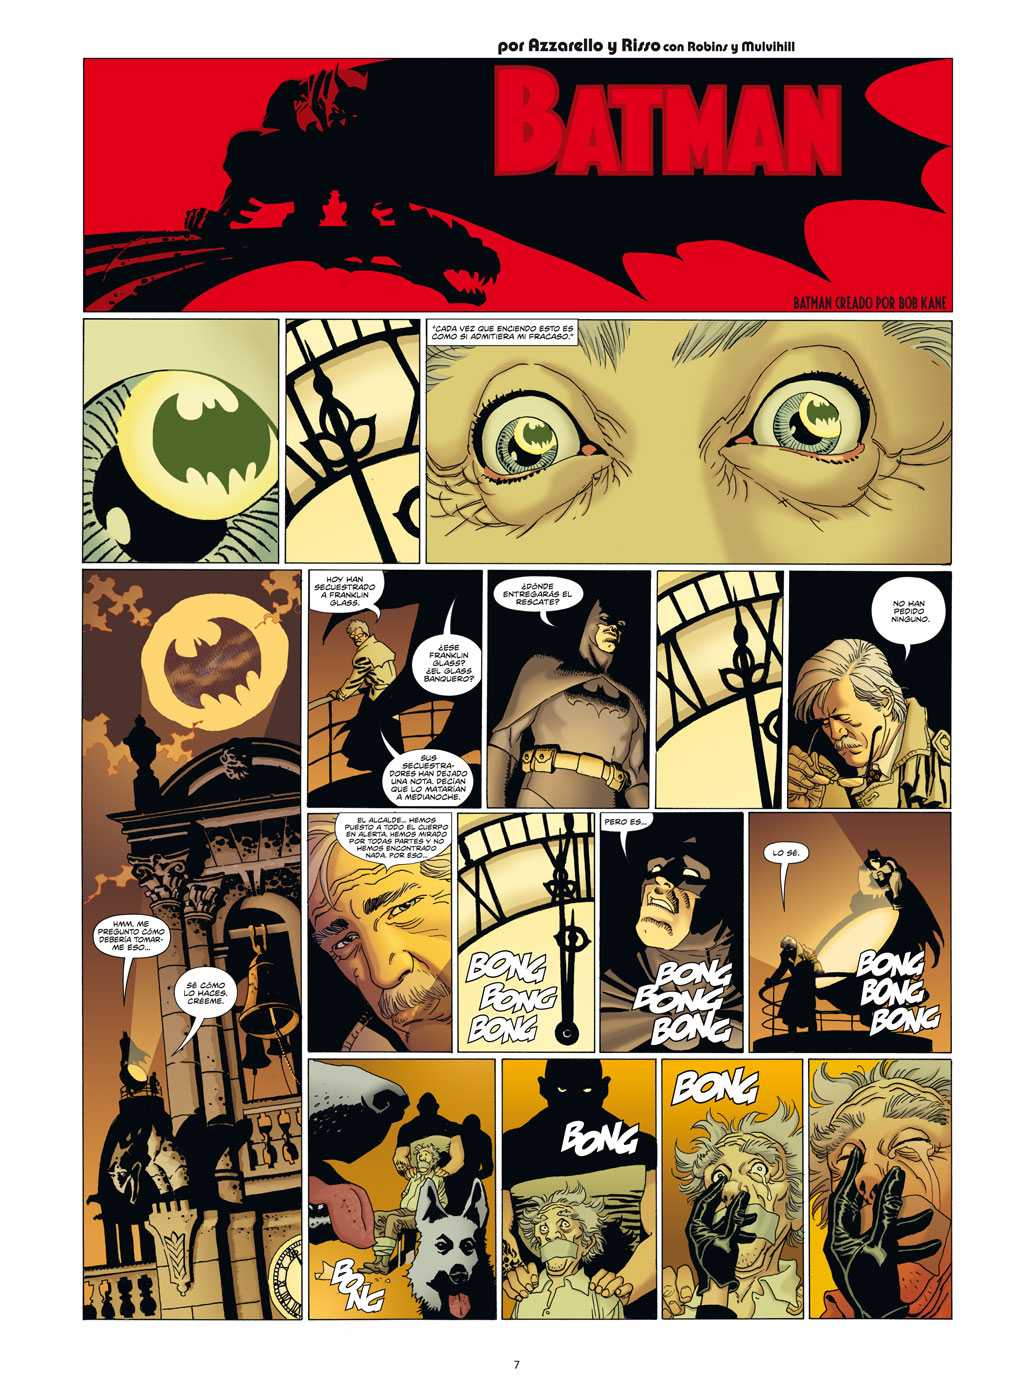 Wednesday Comics de Brian Azzarello y Eduardo Risso